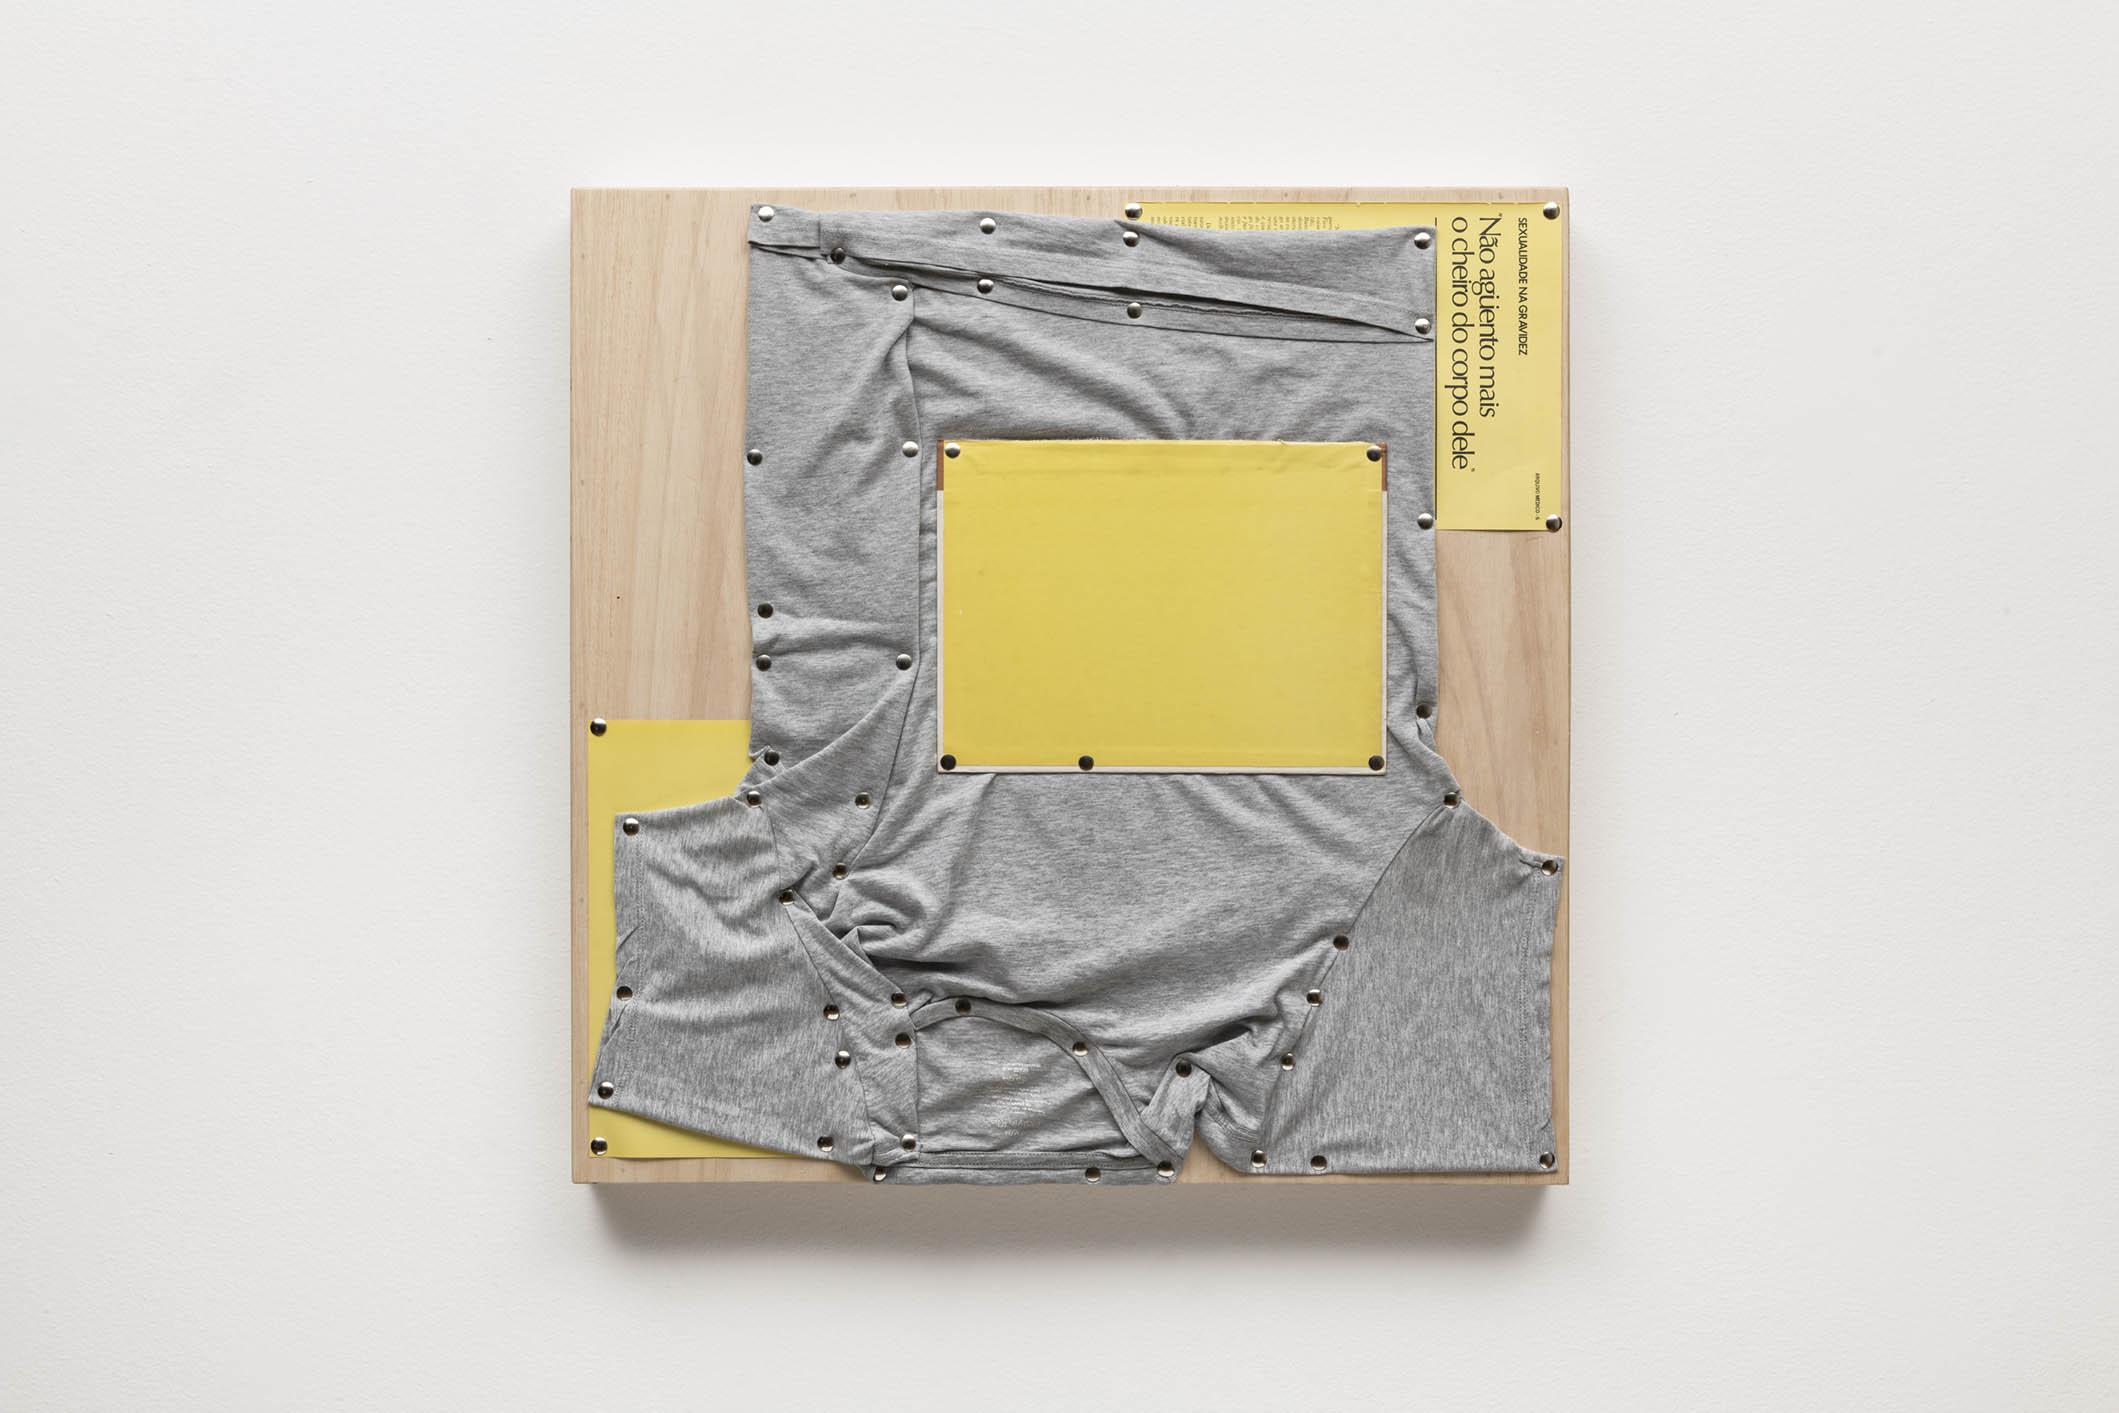 Spatial Constraints #6, 2019   camiseta, páginas de livro e pinos de aço sobre madeira |  plywood, t-shirts, book pages, steel pushpins   61 x 61 x 5 cm | 24 x 24 x 2 in